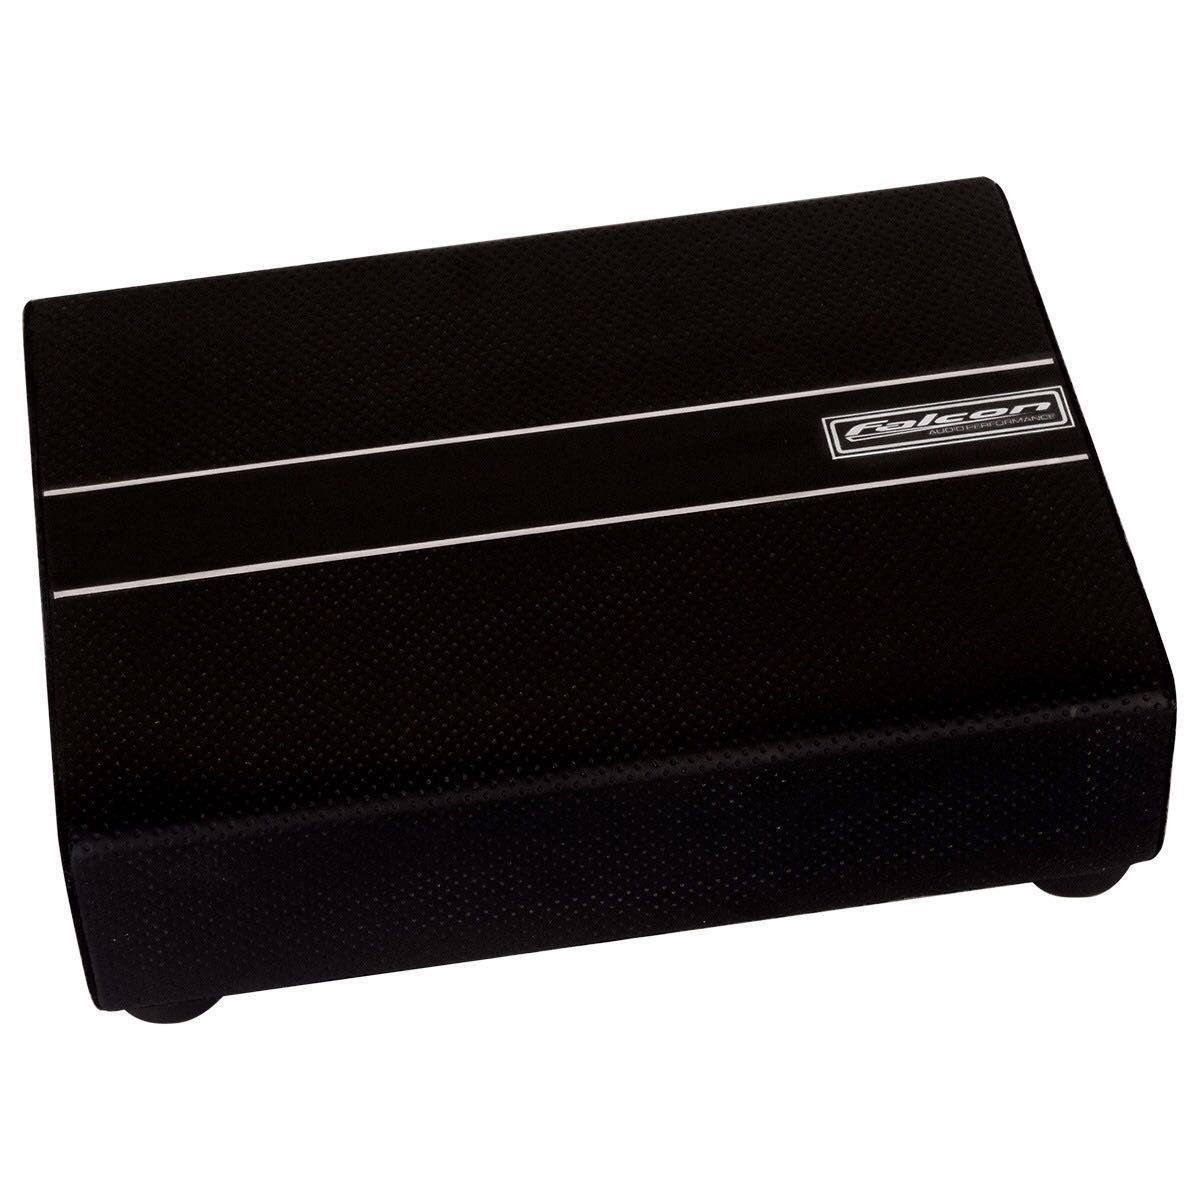 Caixa Falcon Selada Ultra Slim 8 200w Invertida Xs200.1 Esi